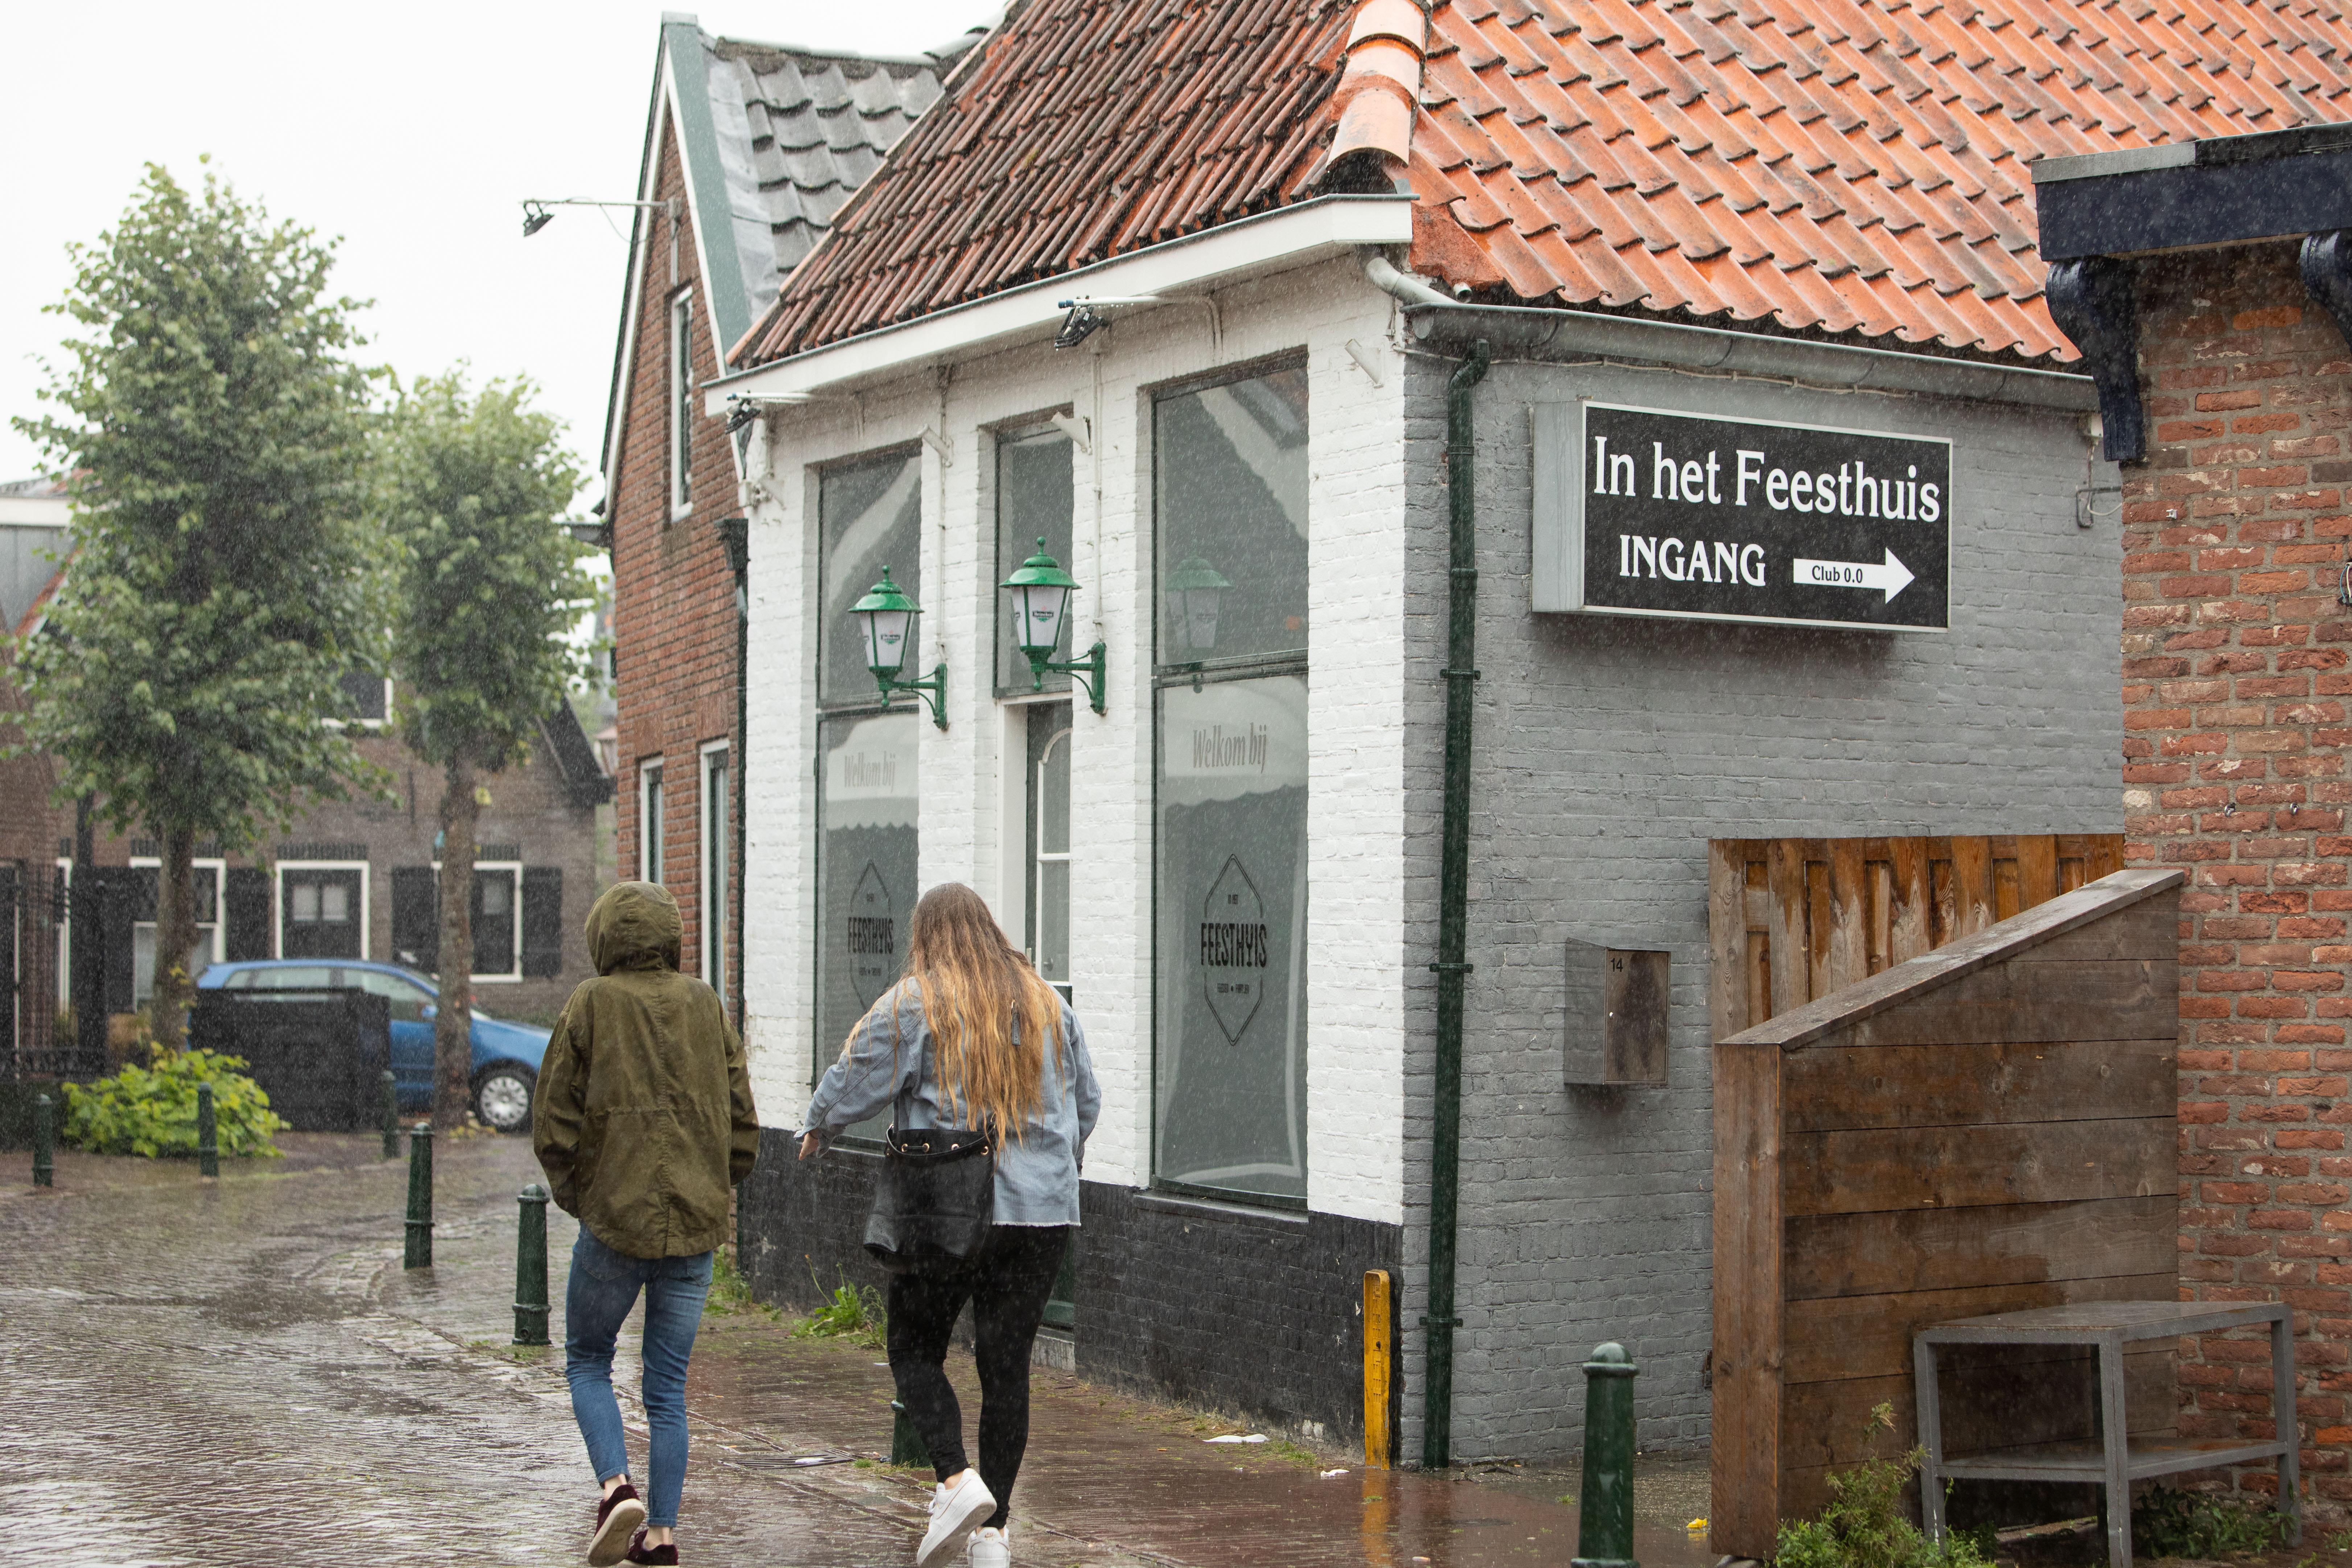 Bunschoter café In het Feesthuis lapte coronaregels aan de laars, liet boa's niet binnen en moet nu dicht; 'Grapperhaus mag wel een fout maken. Waar gaat dit heen?'